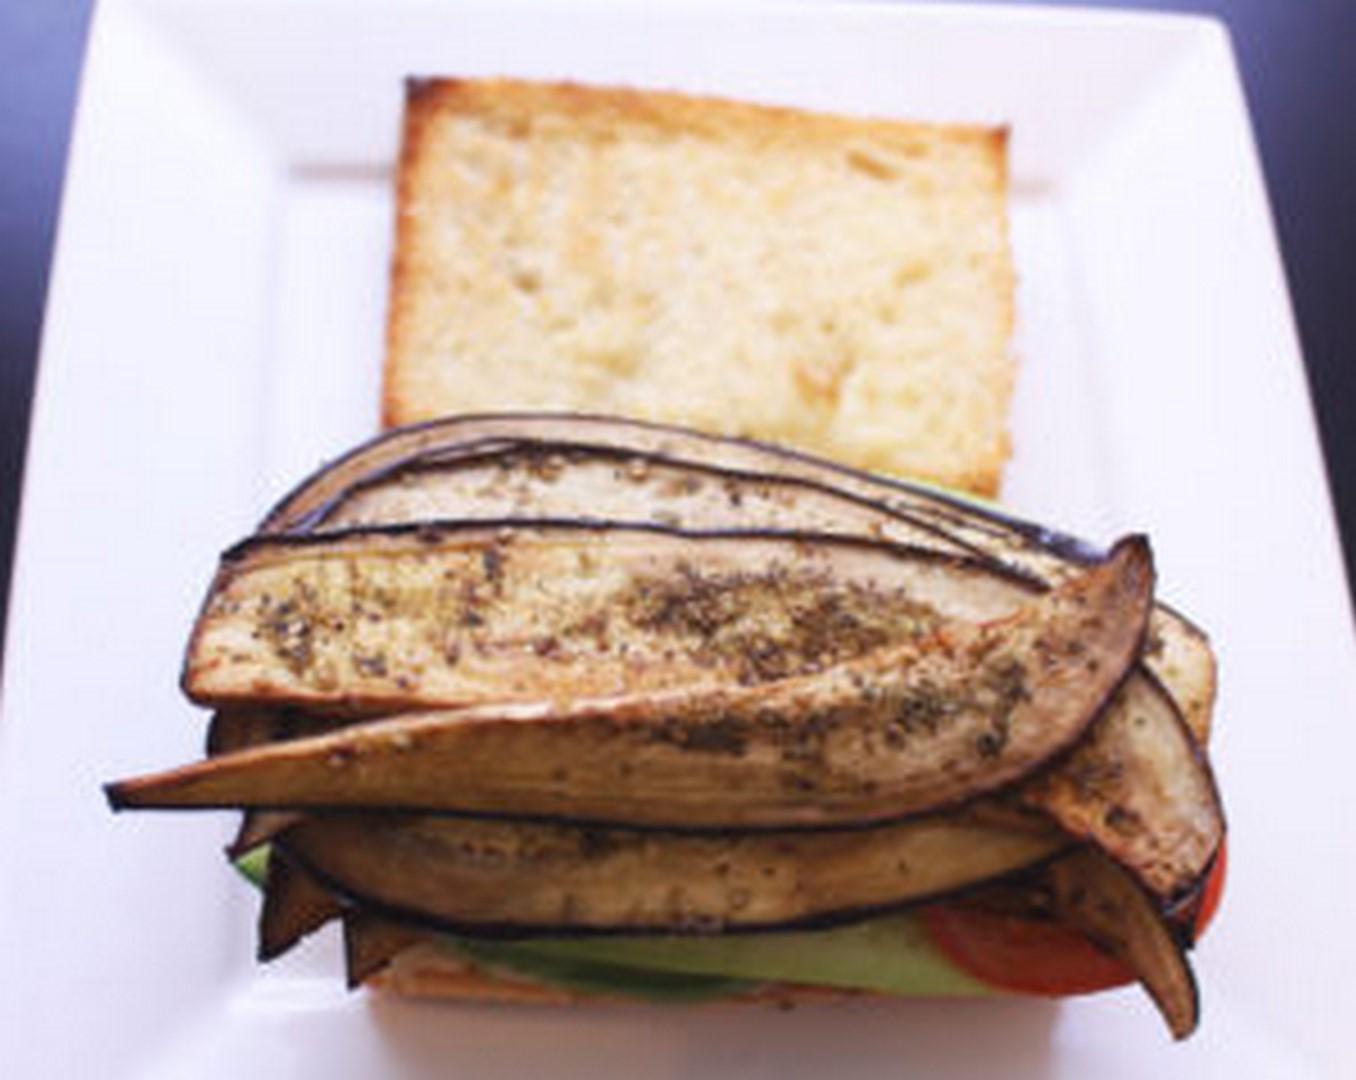 mediterranean zaatar-spiced eggplant blt